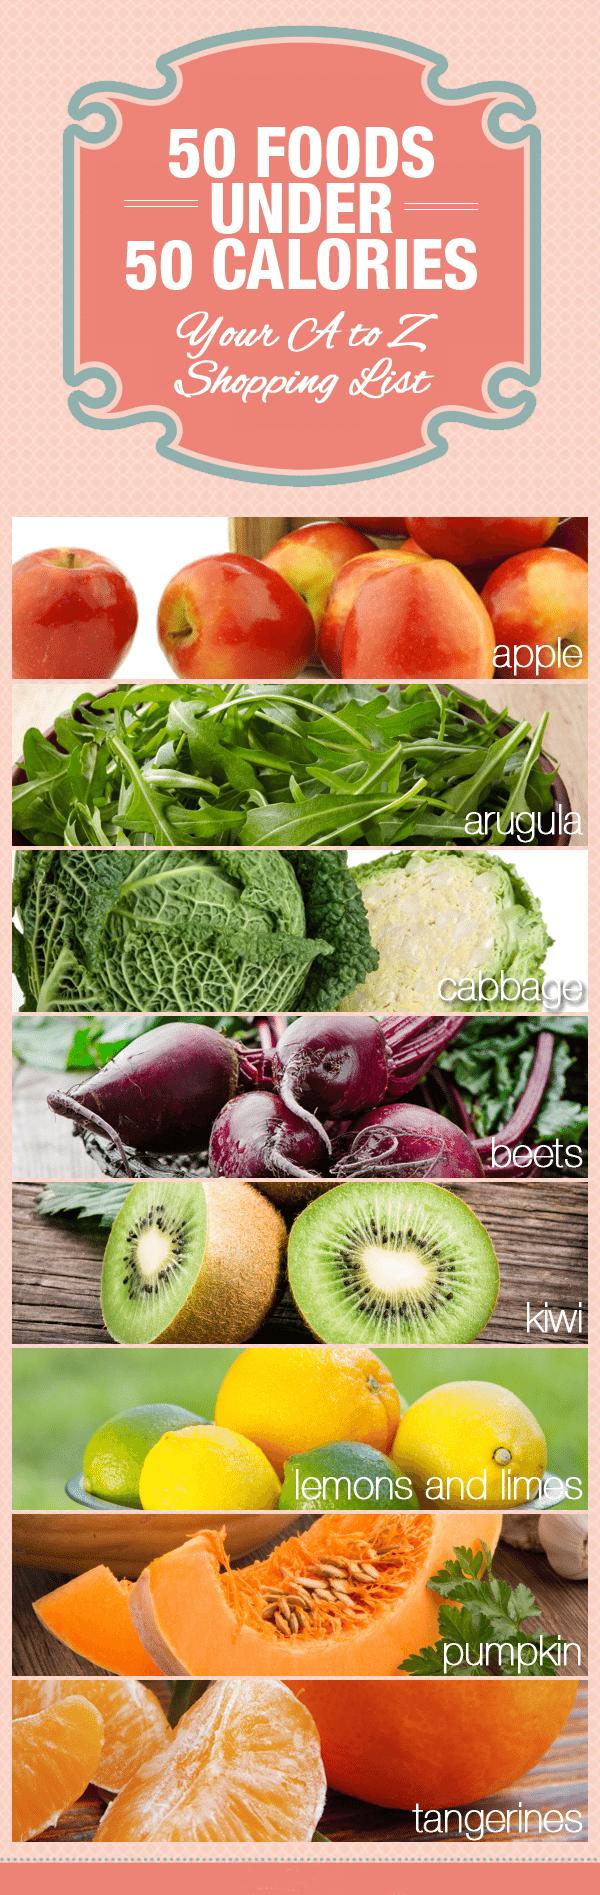 50 Foods Under 50 Calories